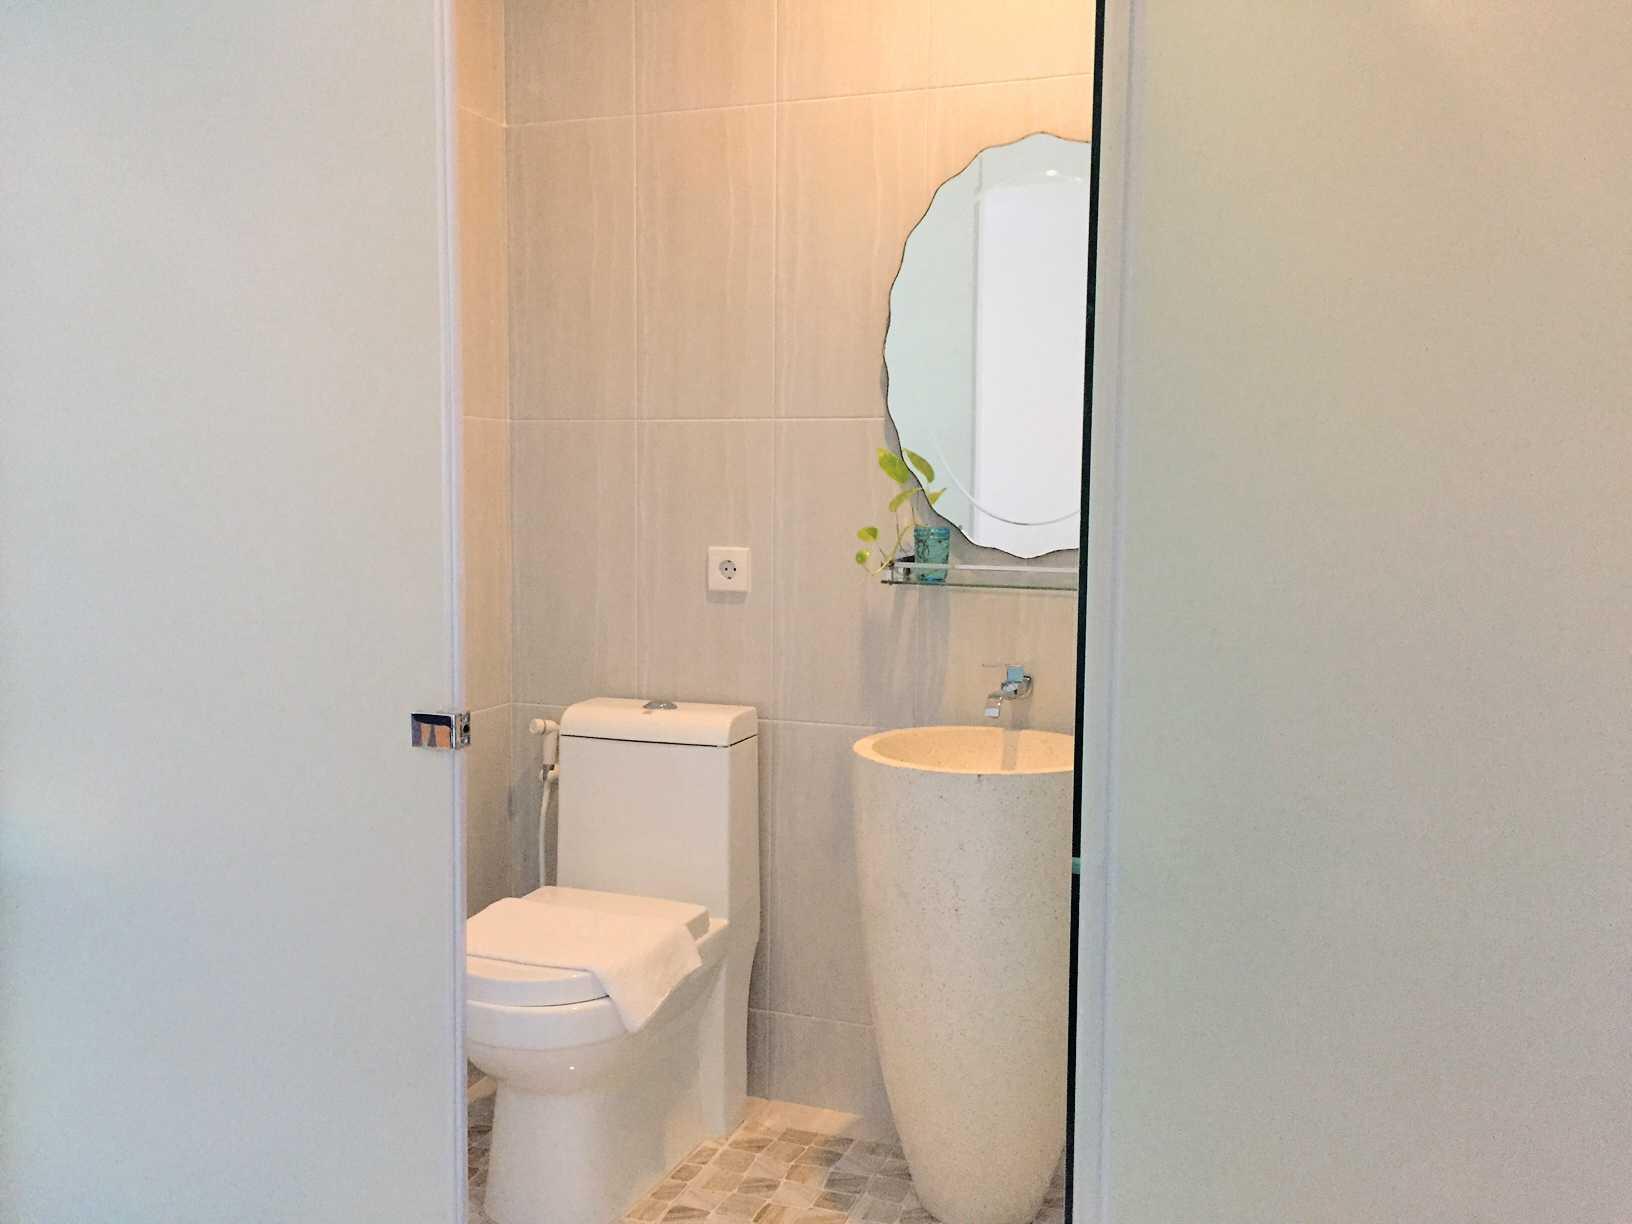 Khakimatta Architects Dejaboe Homestay Seturan Yogyakarta Seturan Yogyakarta Bathroom   21226